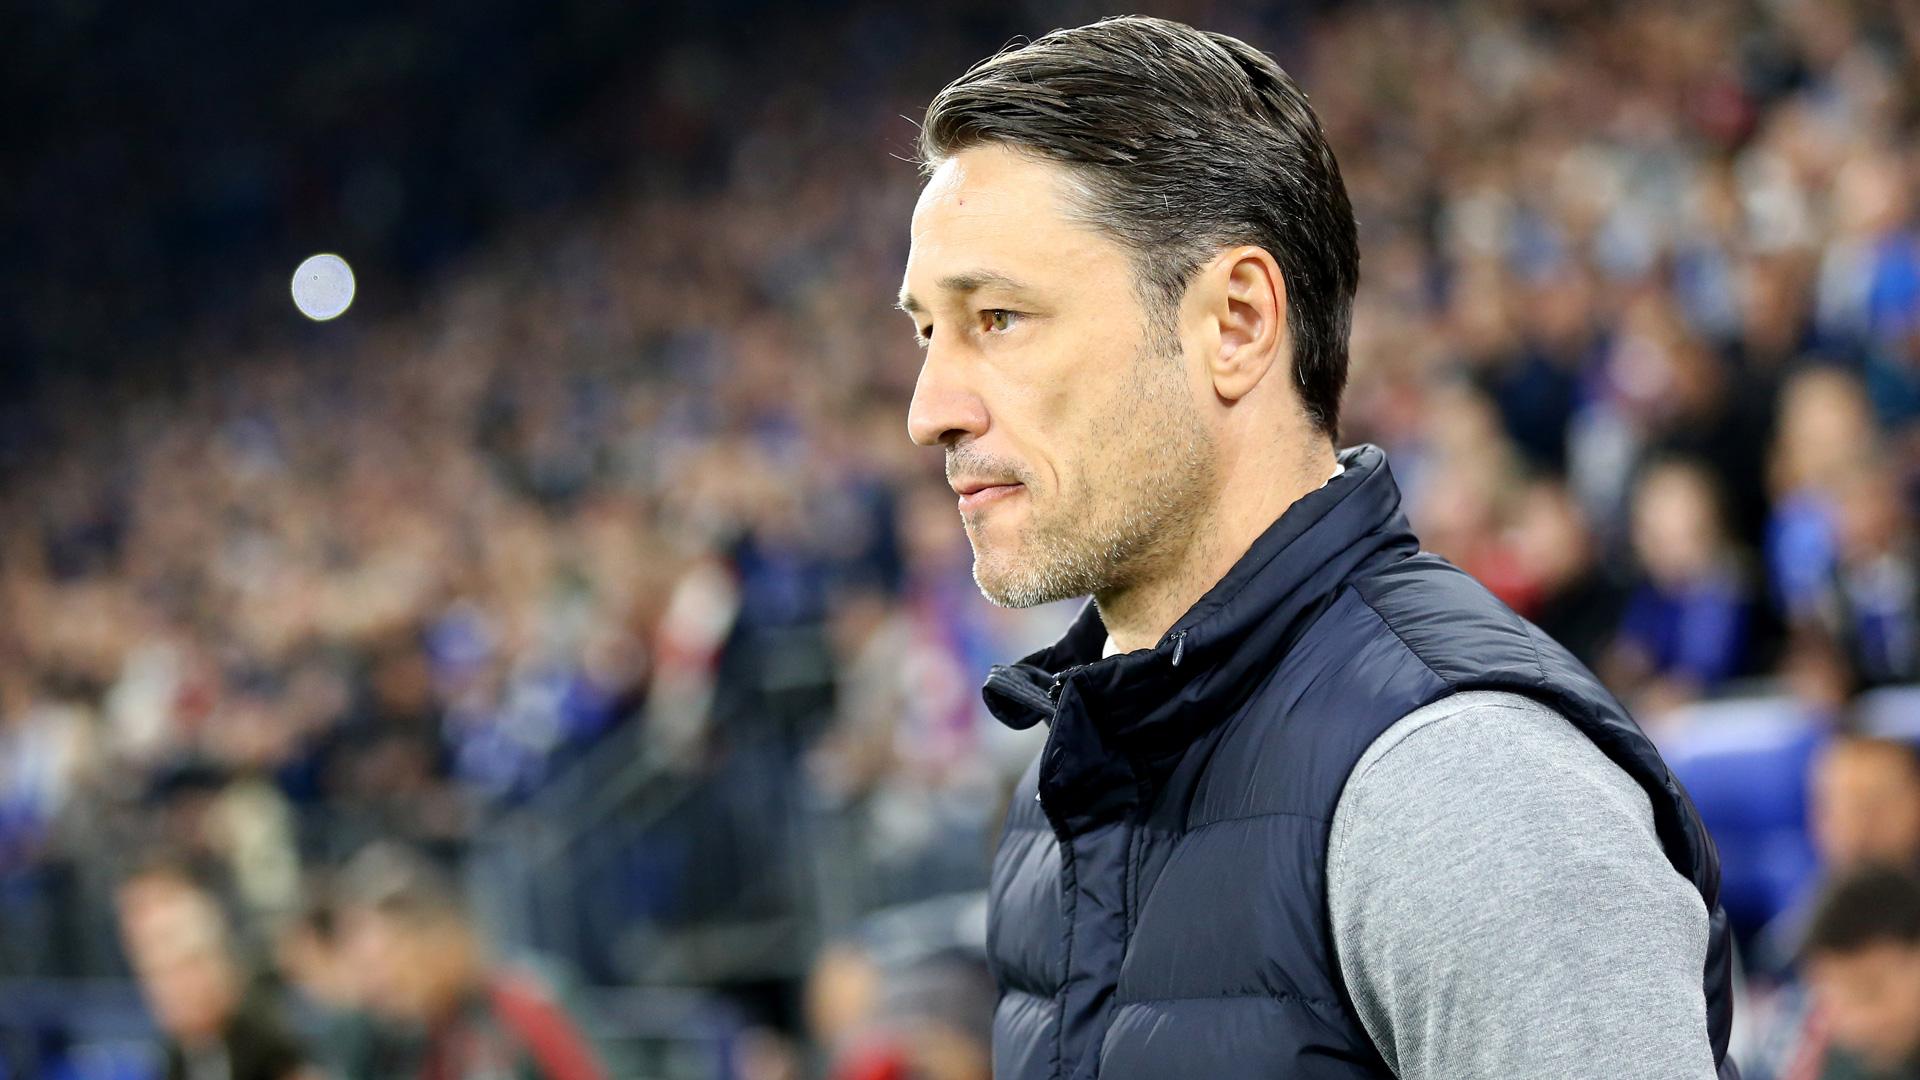 Bericht Der FC Bayern München lehnte zwei Wunschspieler von